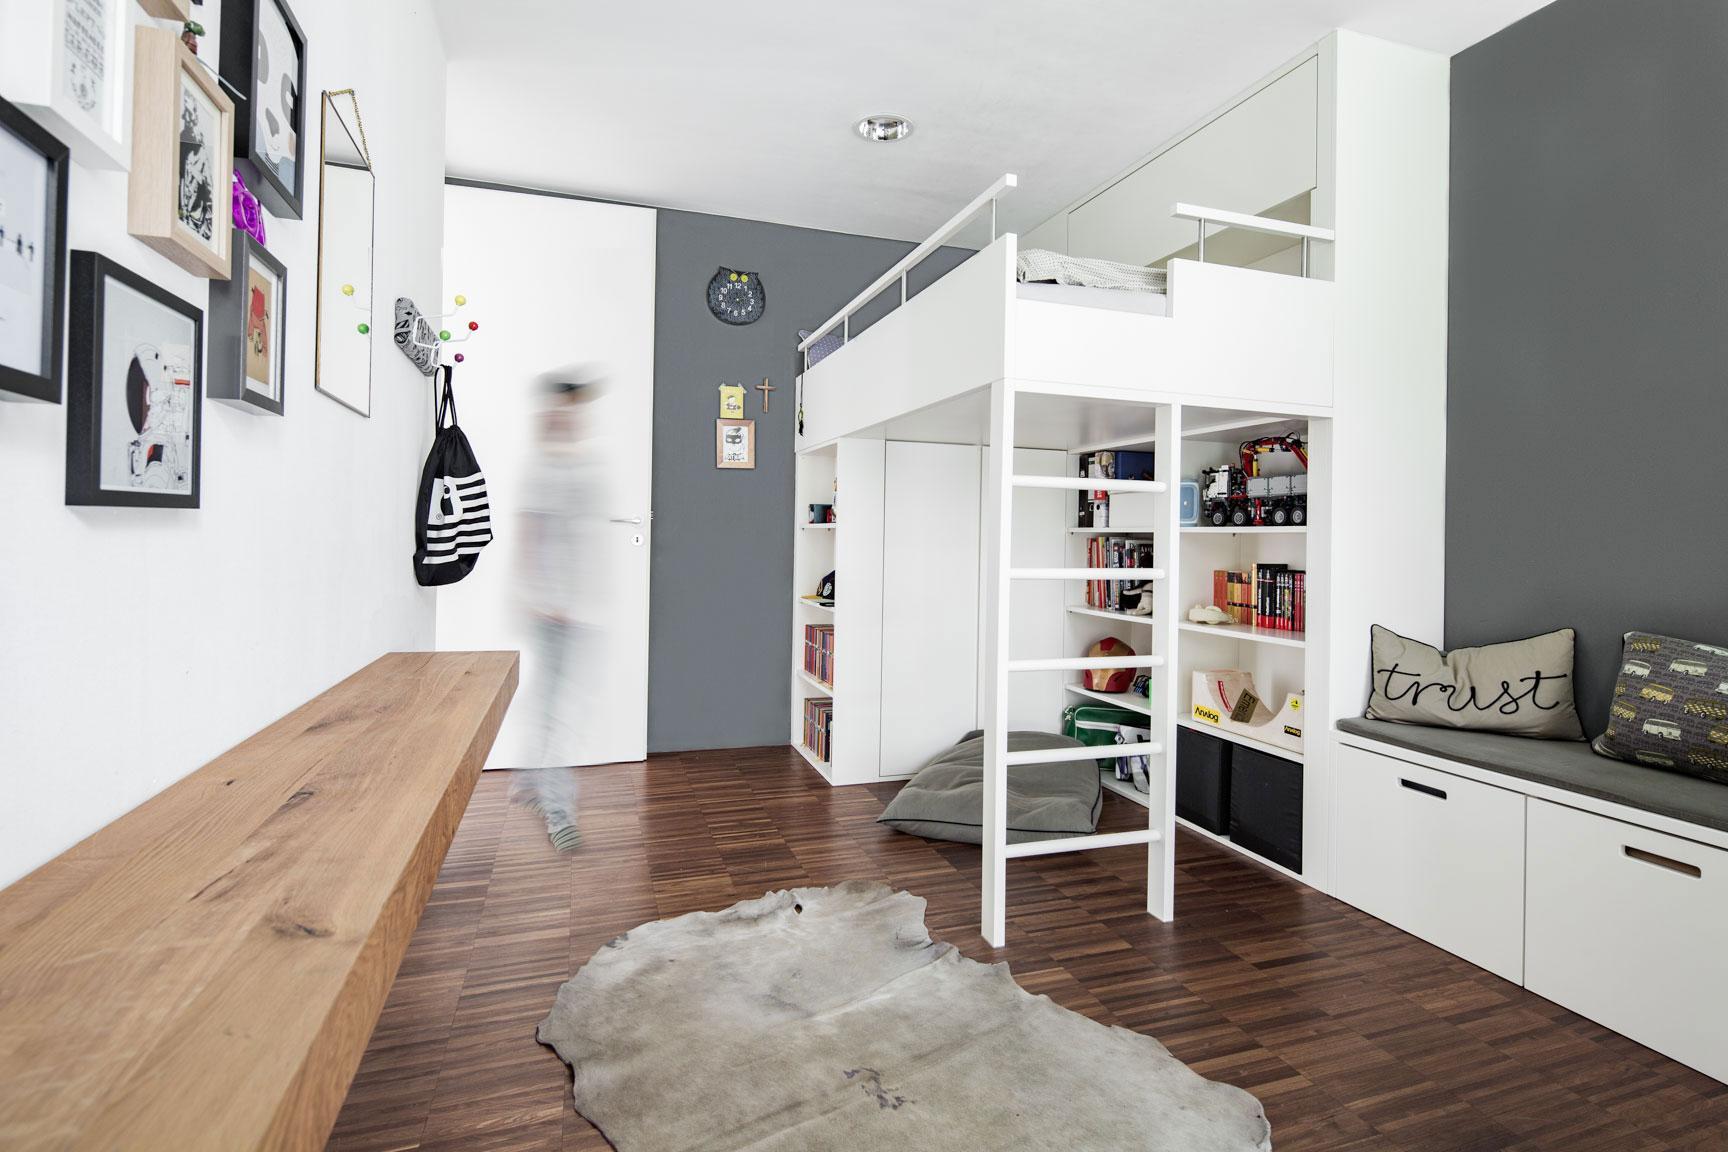 Hochbett bilder ideen couchstyle for Jugendzimmer regal